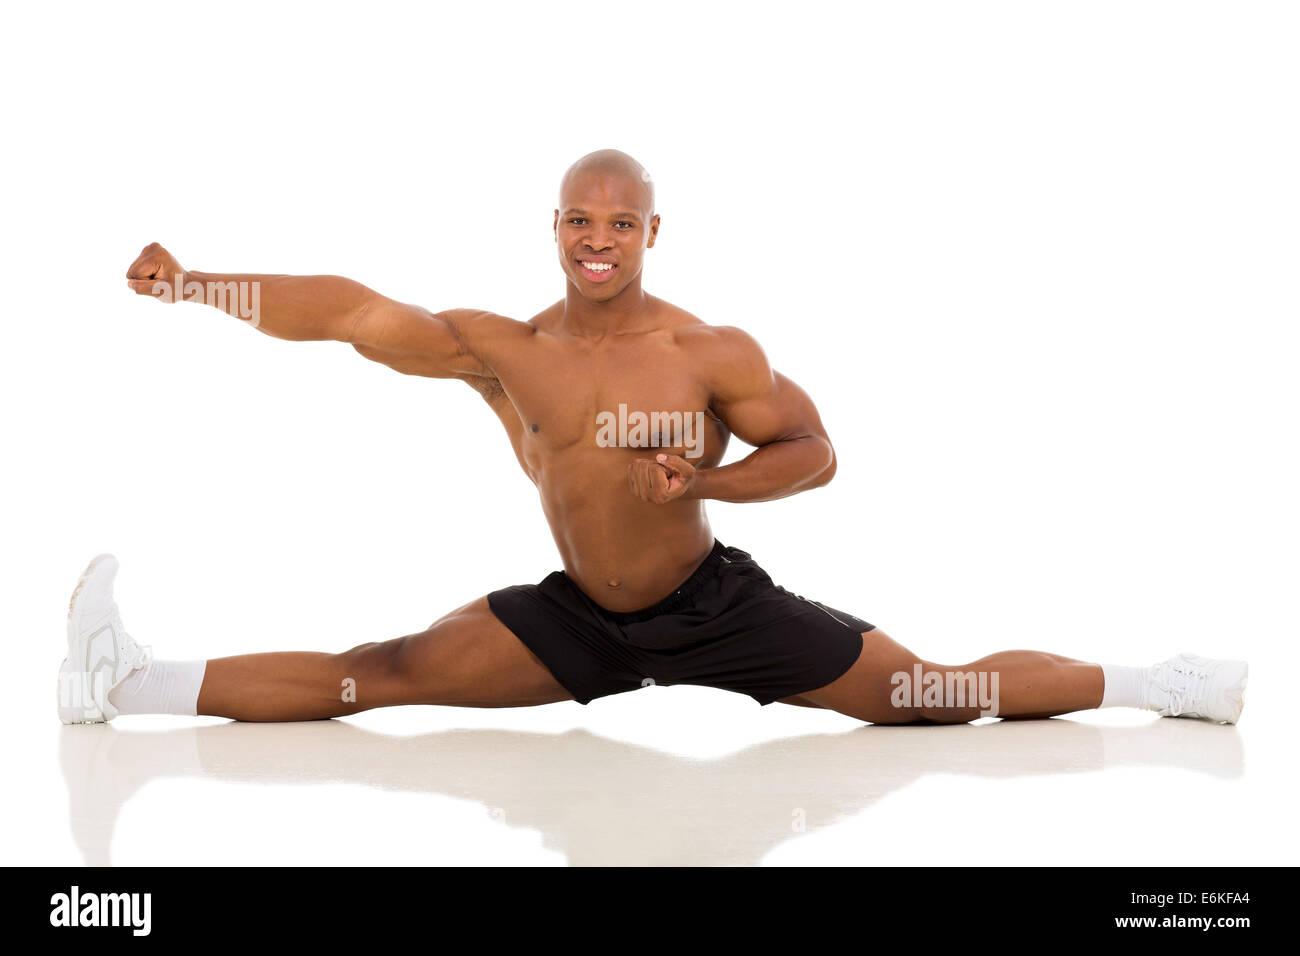 Les jeunes en bonne santé African American man partager isolé sur fond blanc Photo Stock